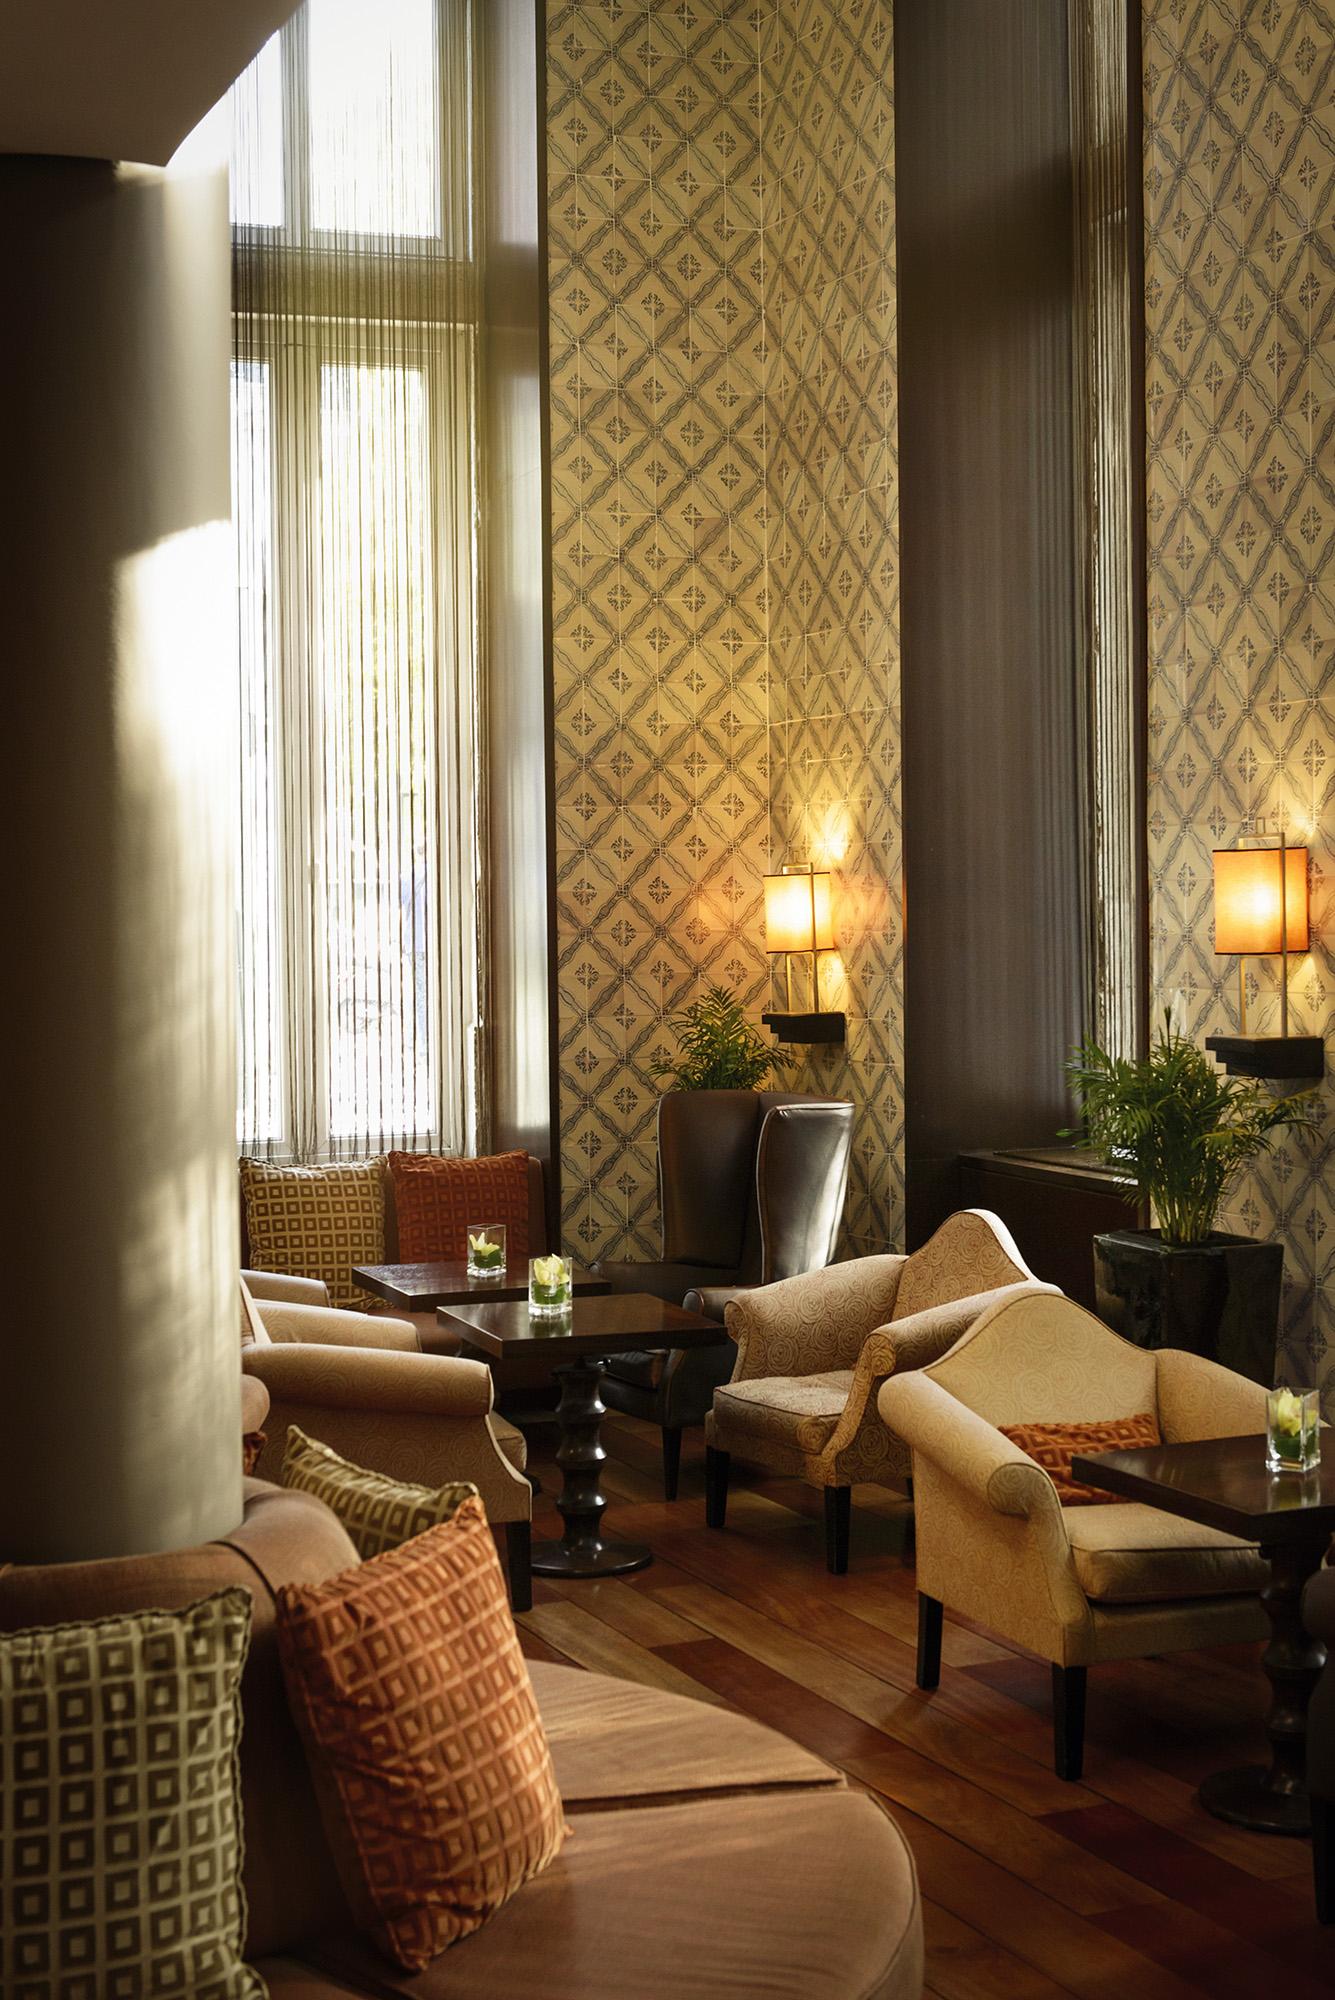 STOKES_LISBON_PORTUGAL_09_HOTELS_0016.jpg